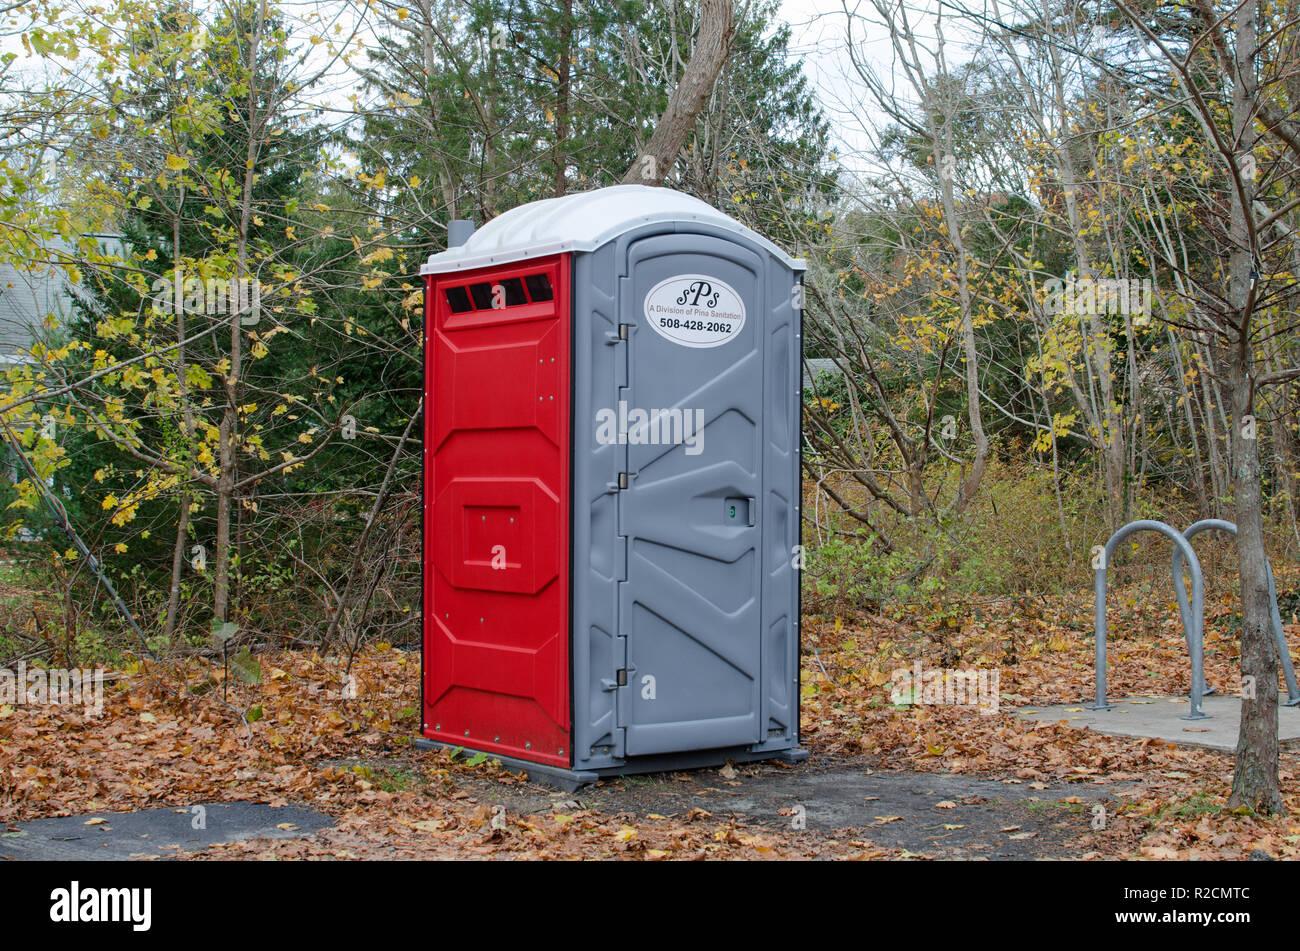 Chemische toilette stockfotos & chemische toilette bilder alamy